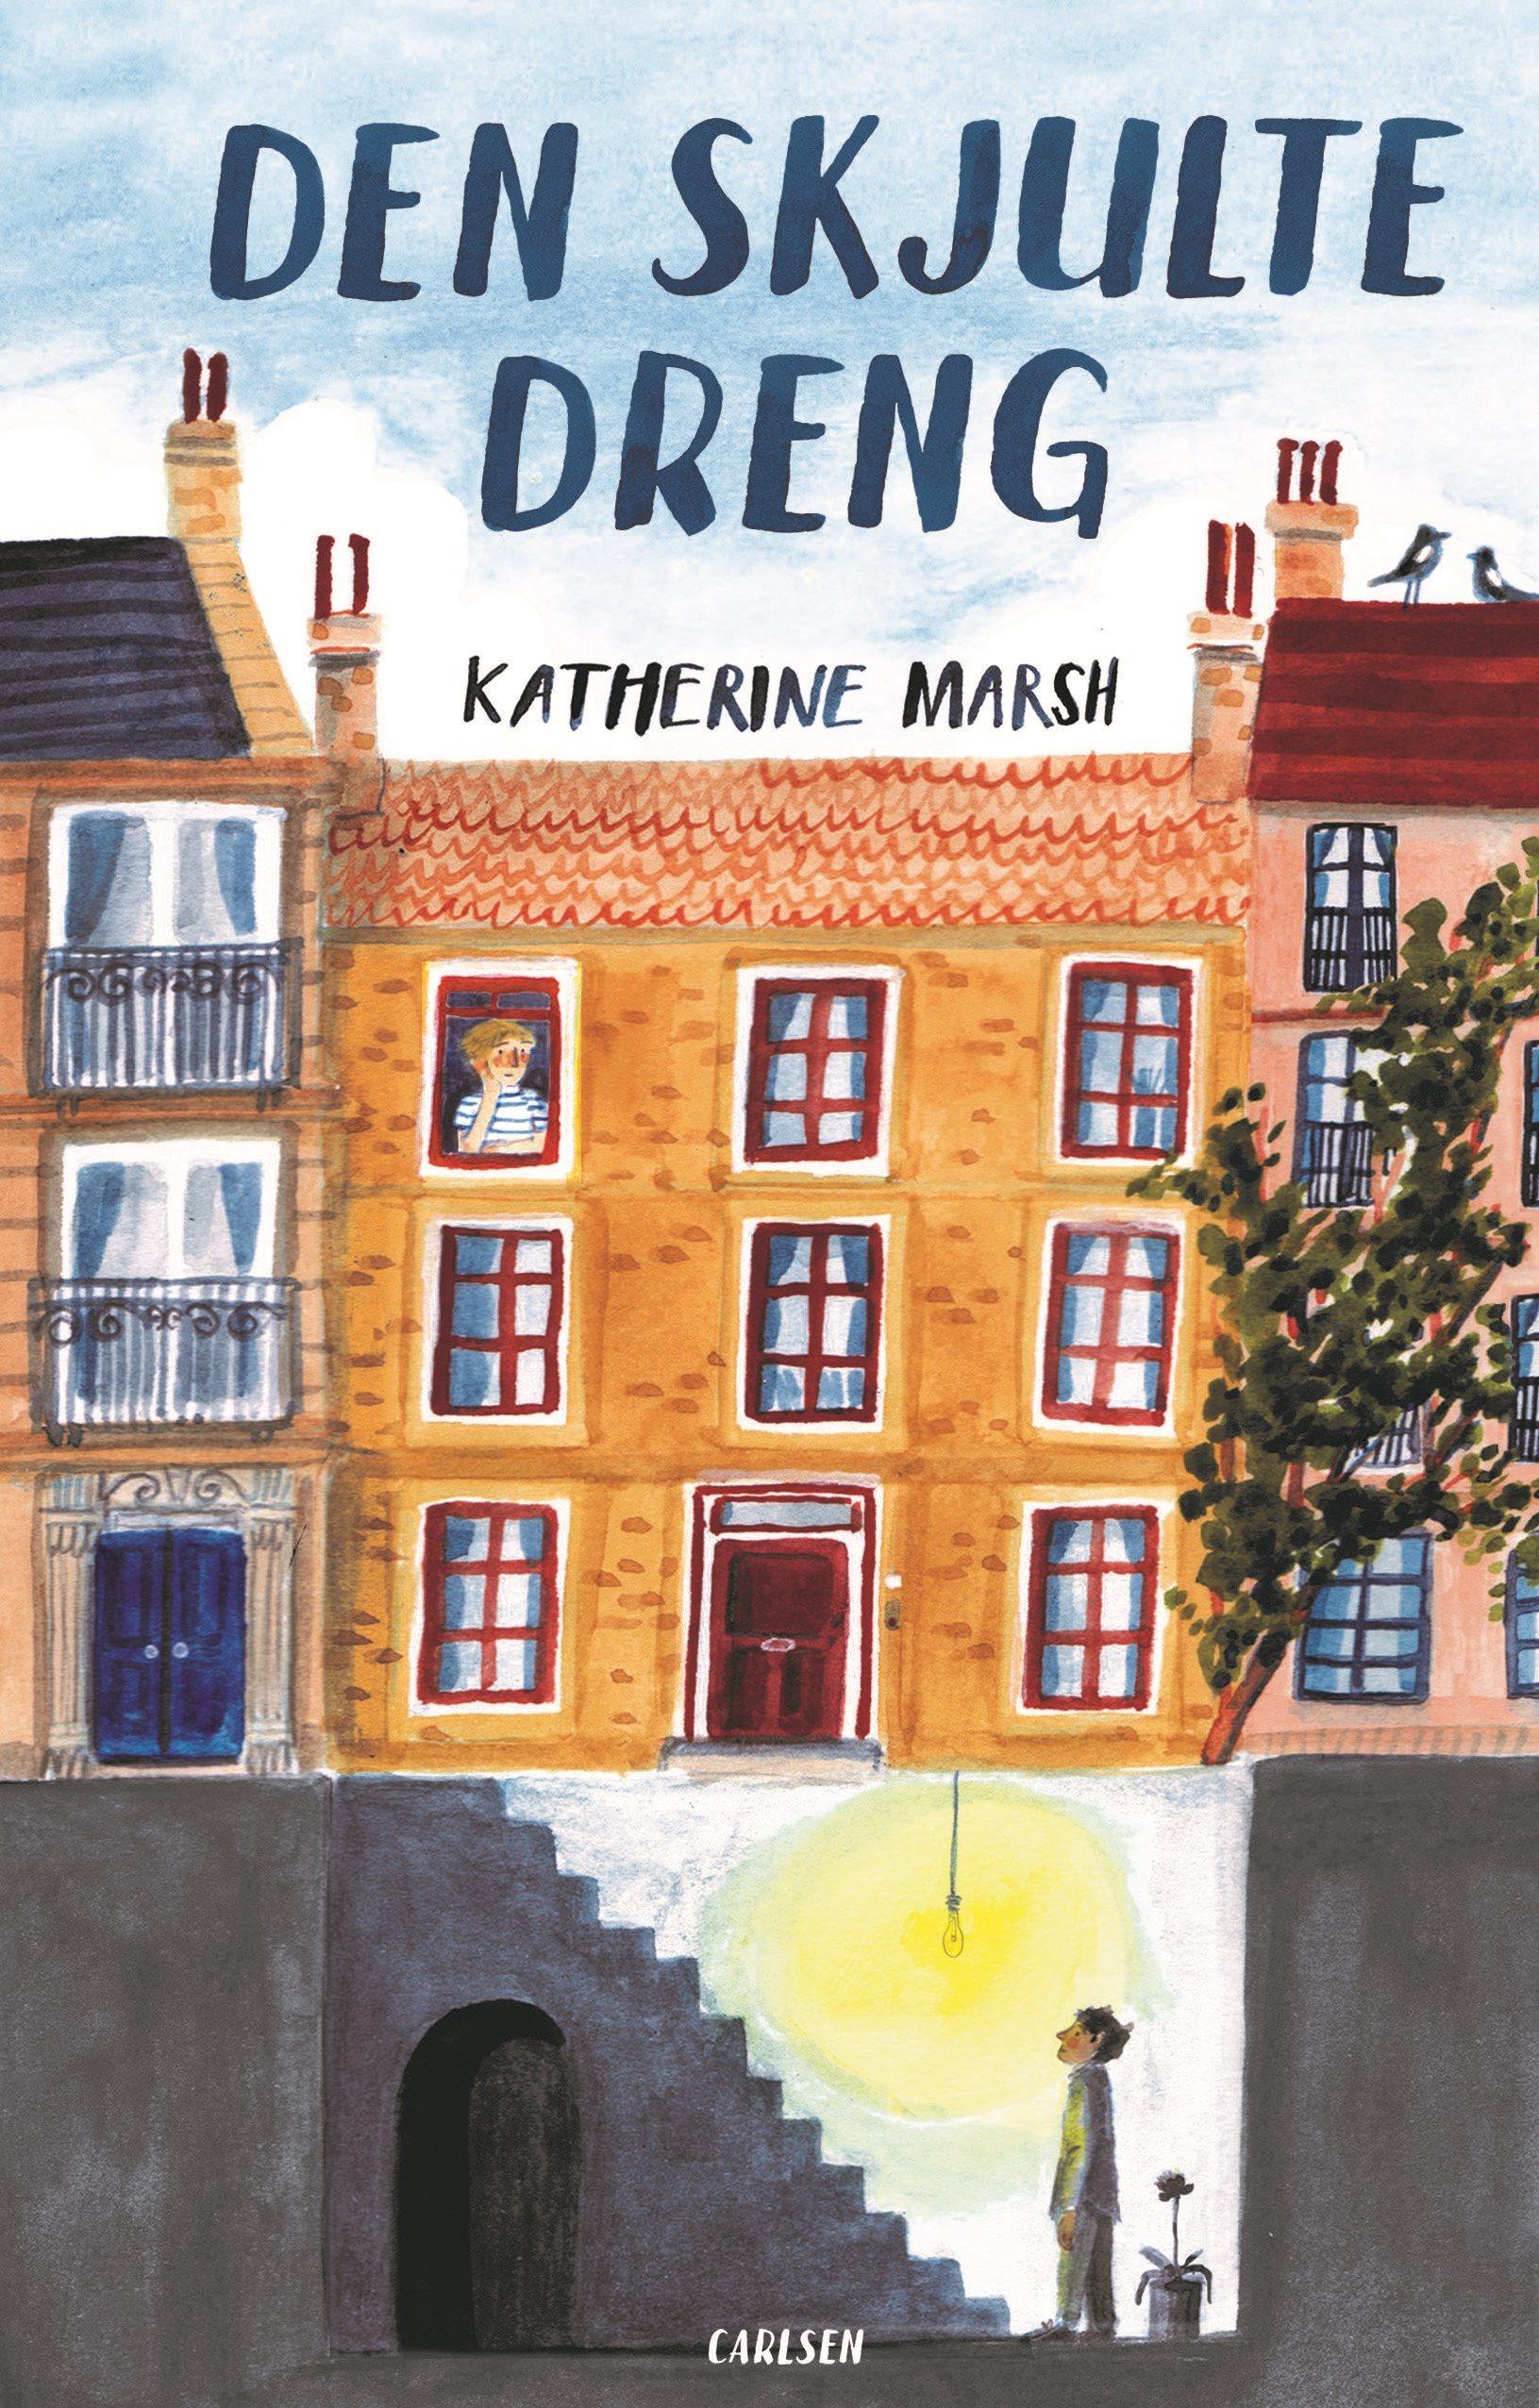 Den skjulte dreng, Katherine Marsh, børnebog, børnebøger